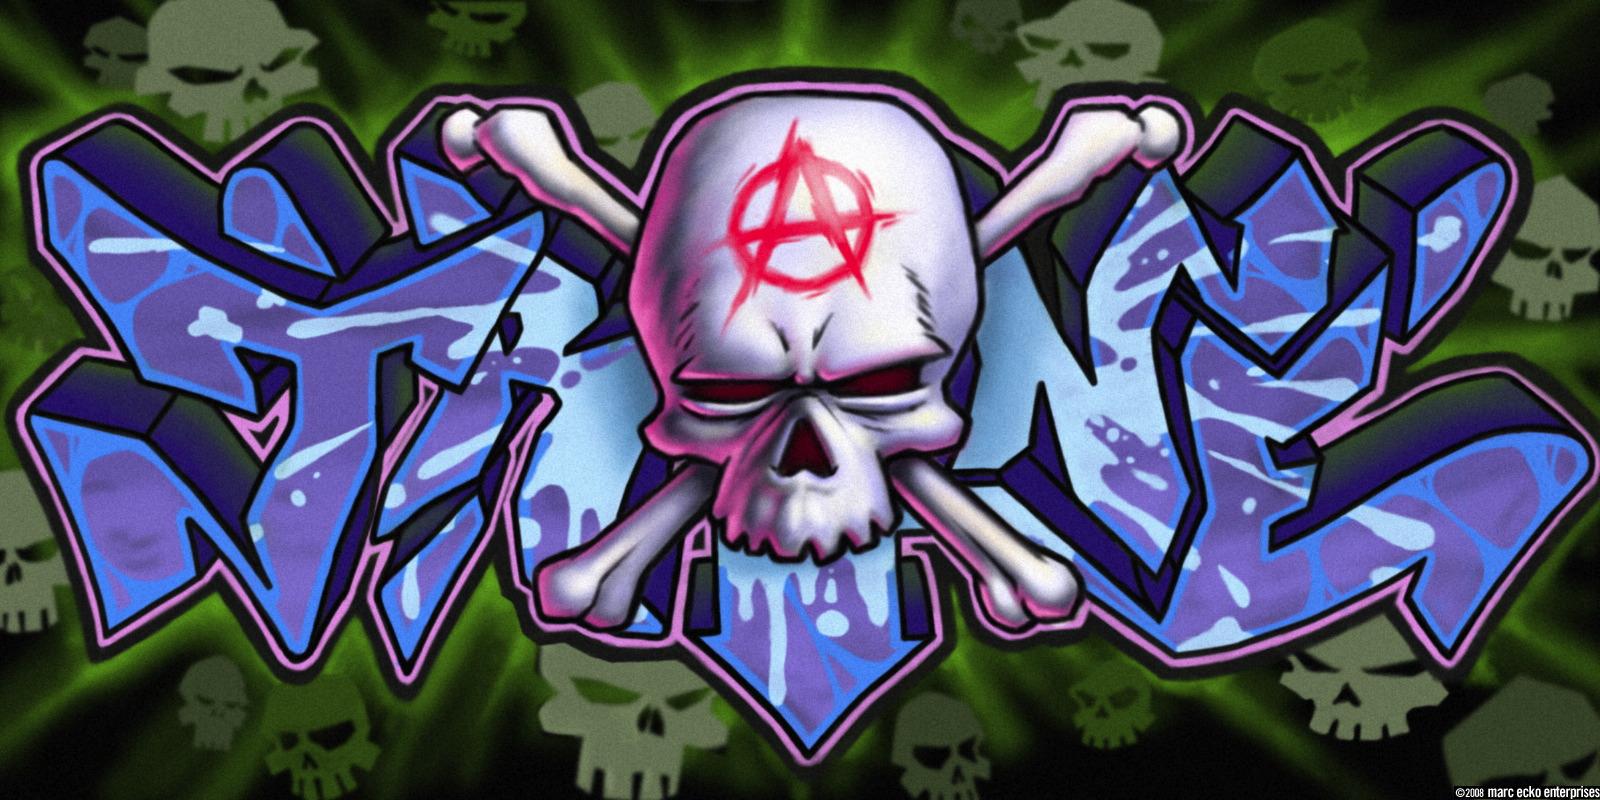 Graffiti Plaatjes en Bewegende Animatie Plaatjes. Graffiti Krabbels